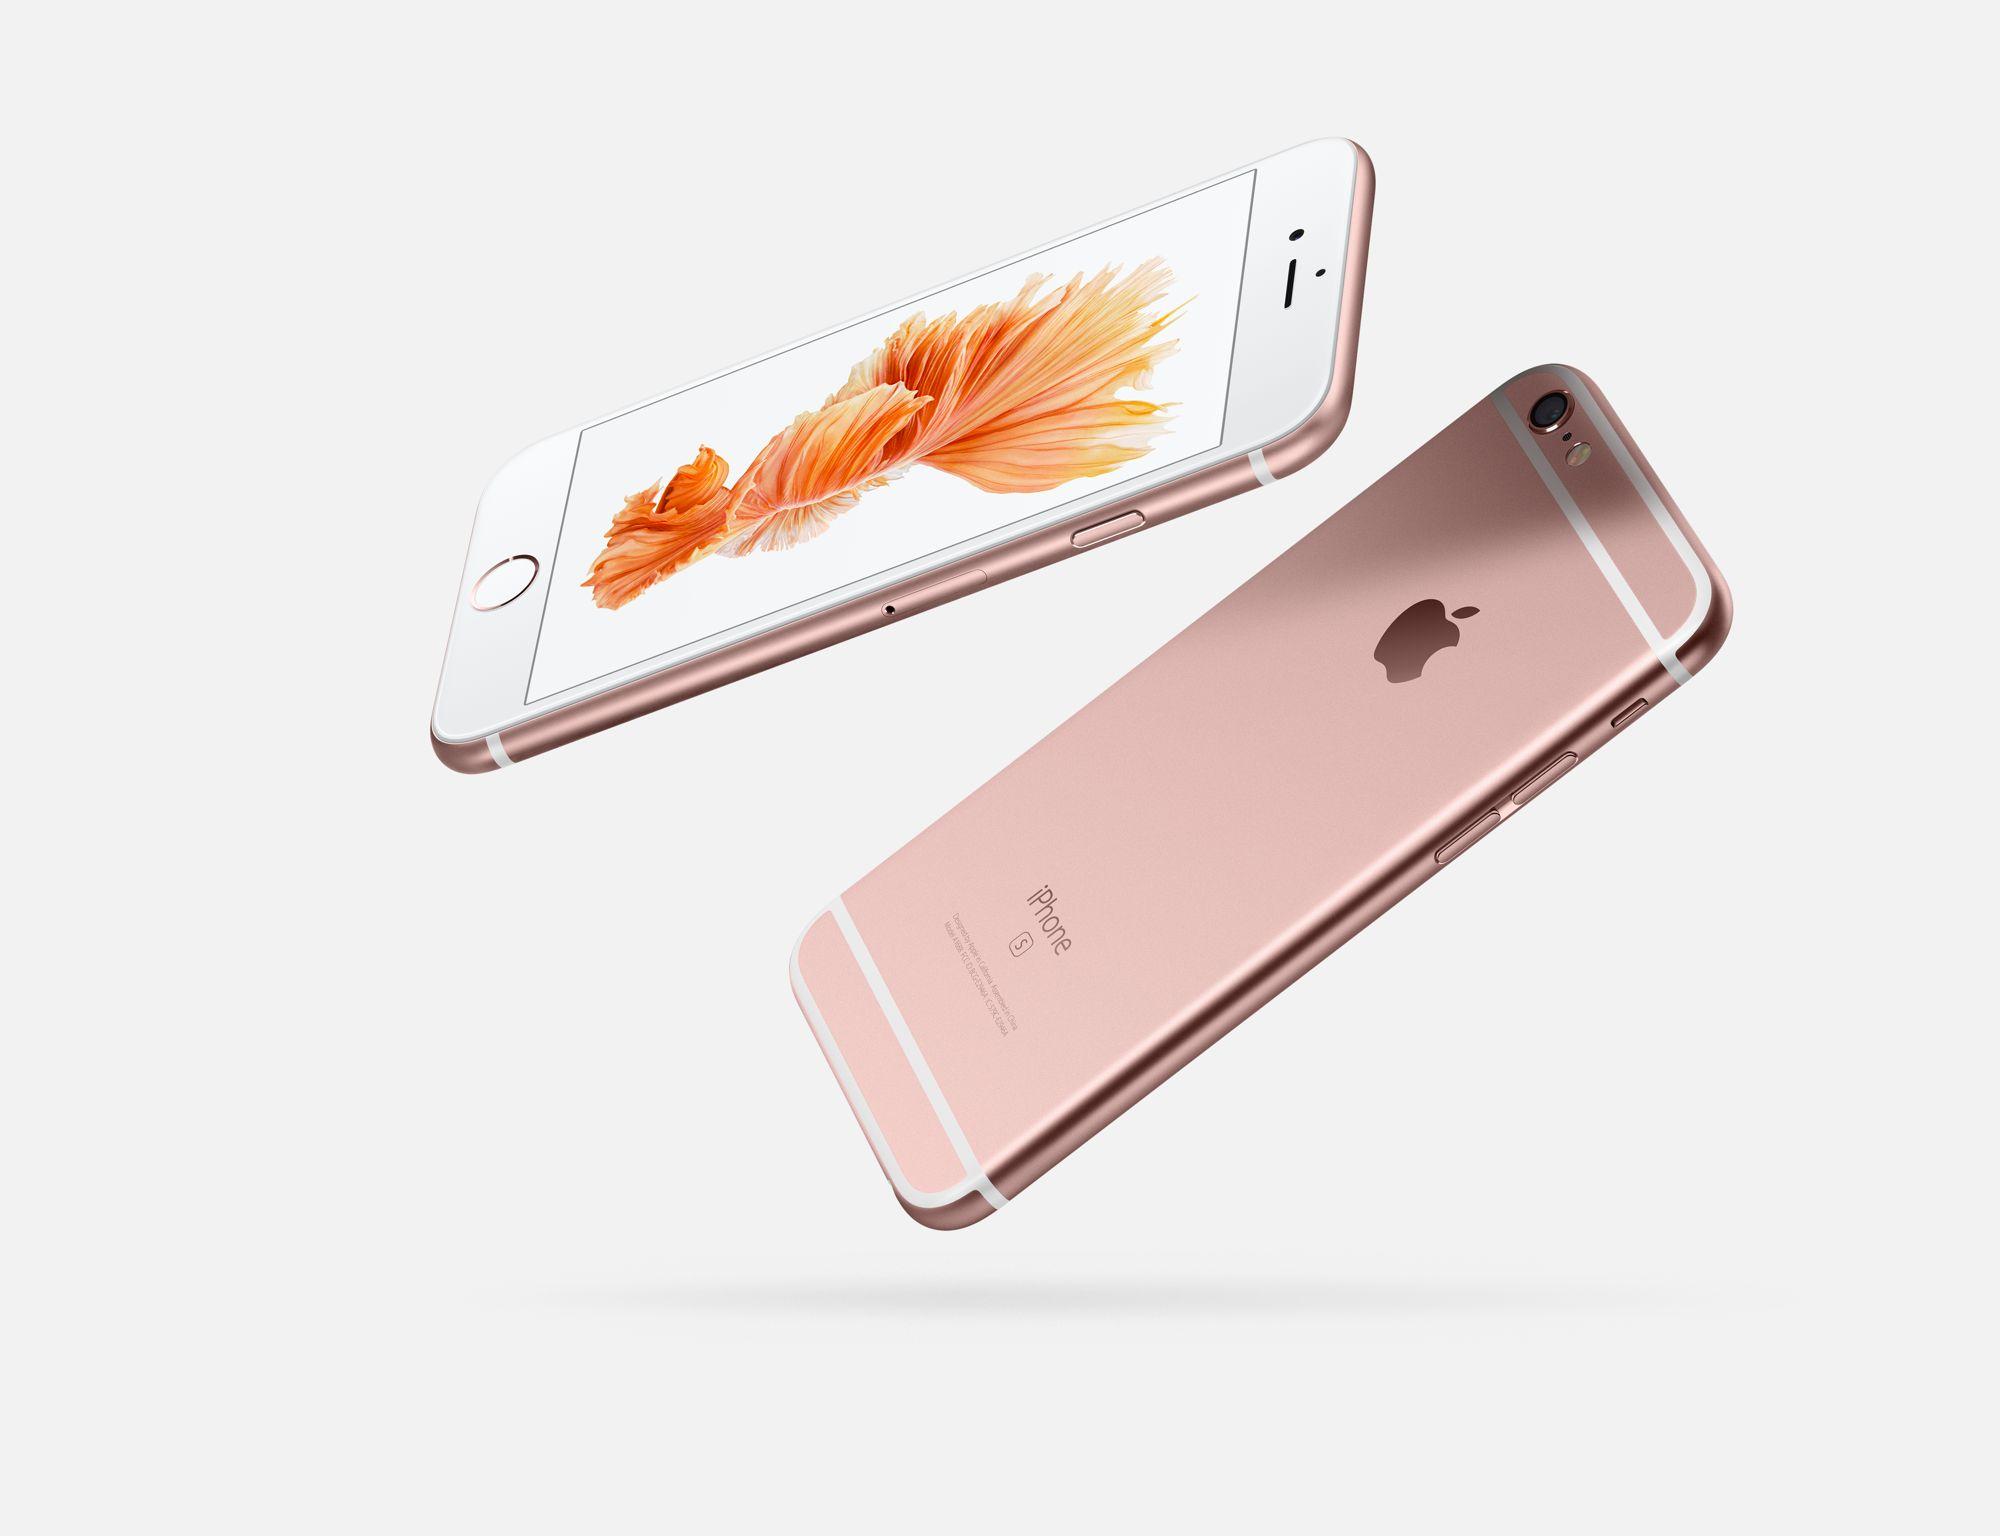 ドコモ、iPhone 6s/iPhone 6s Plusの価格と月々サポート額を発表。全モデル本体価格10万円以下に